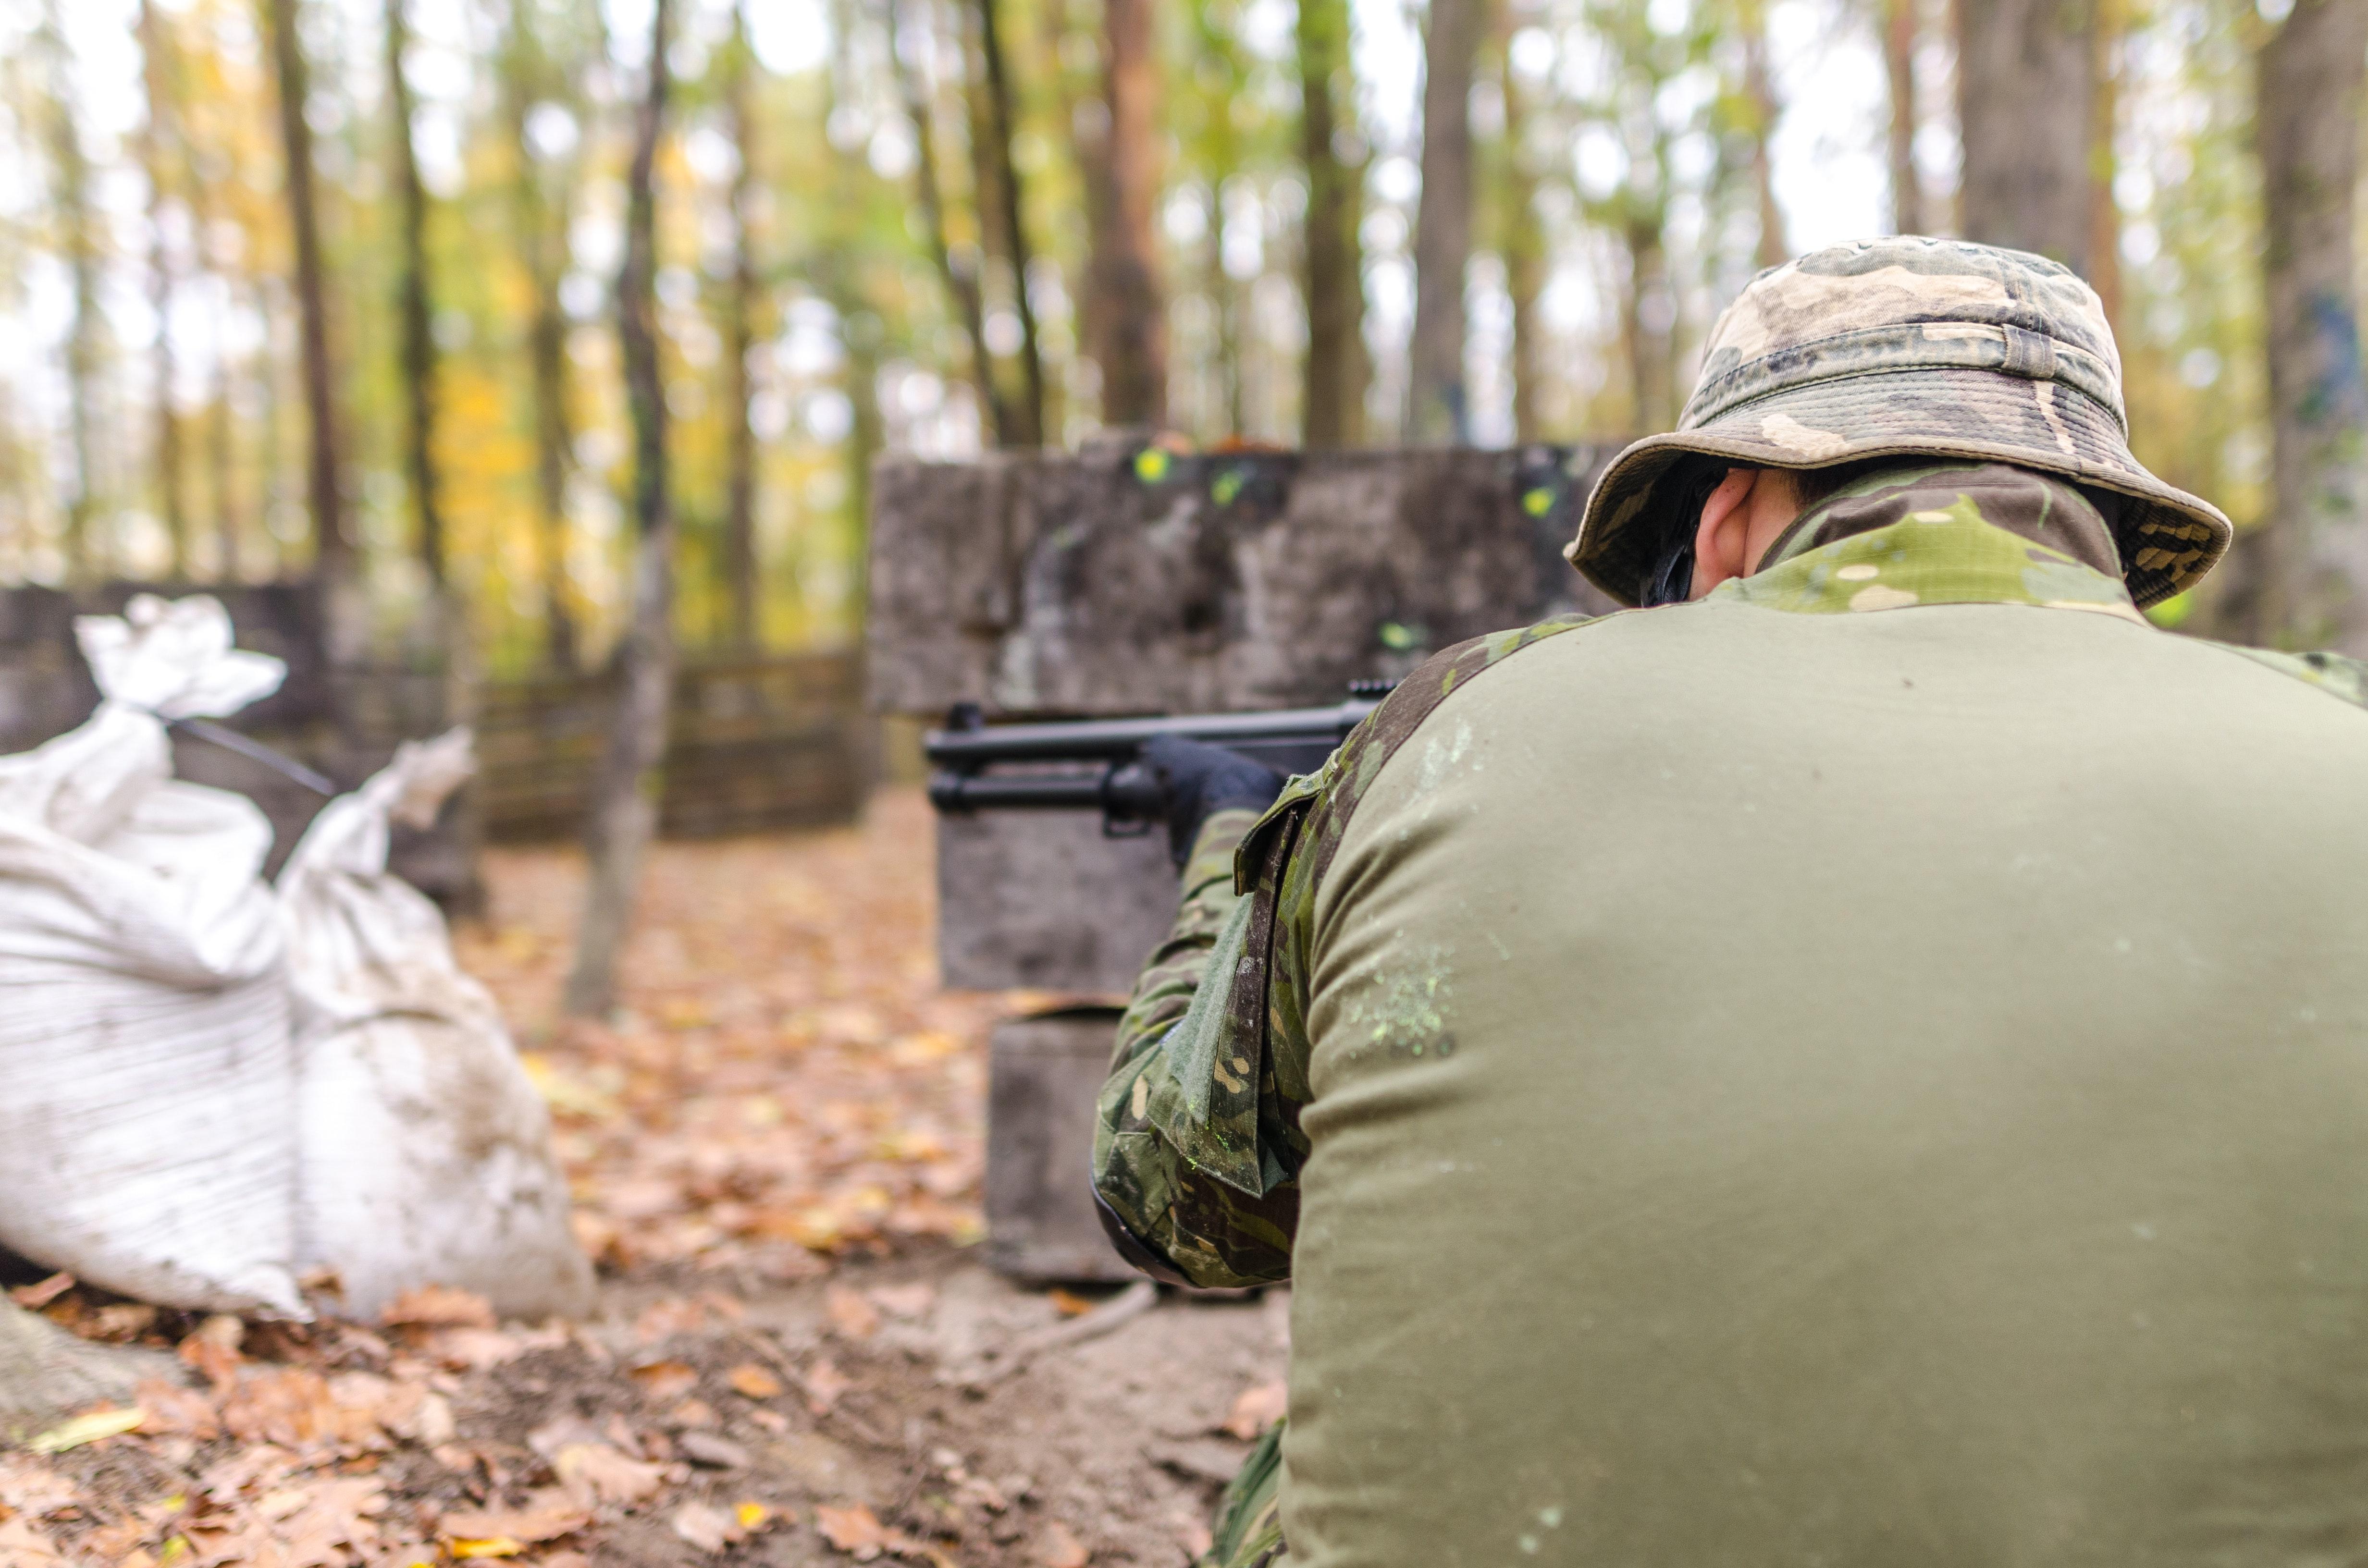 Man holding rifle photo